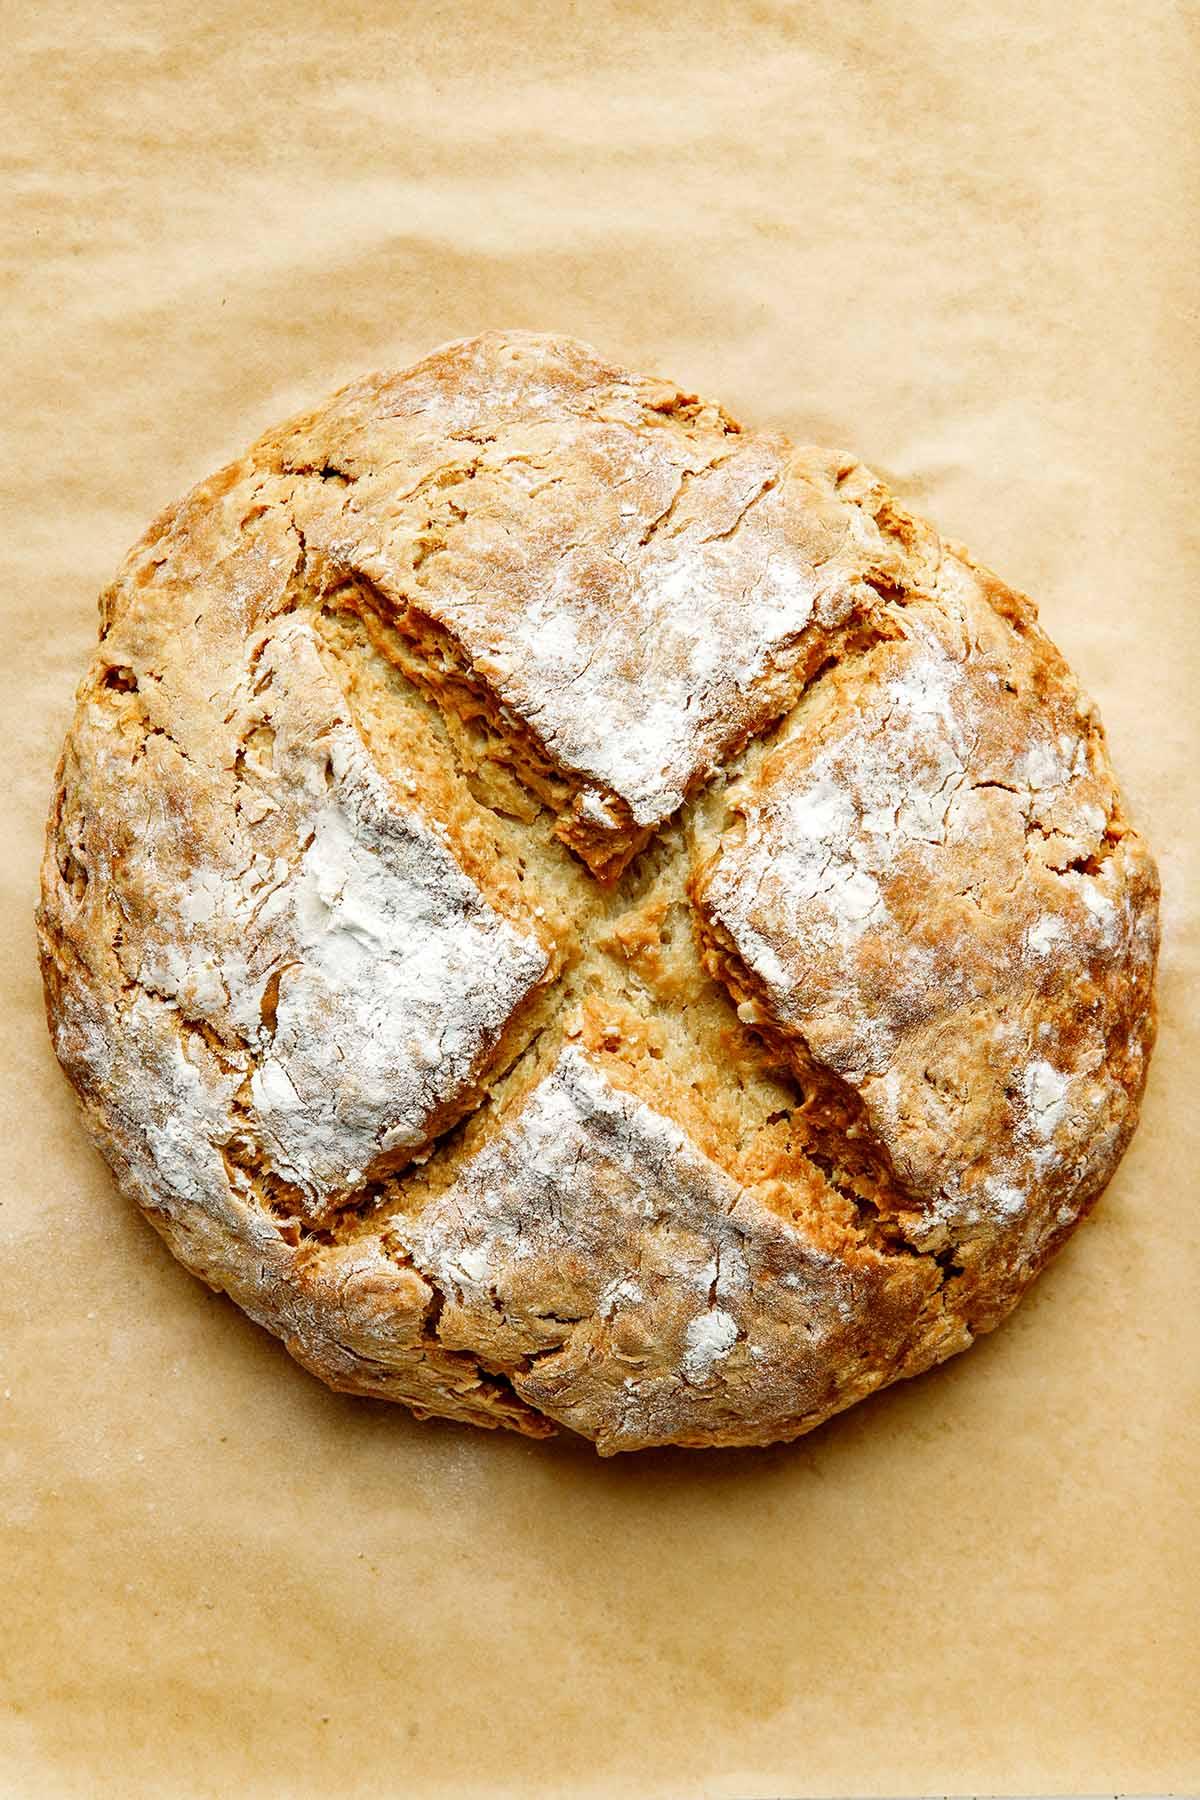 Baked vegan soda bread.